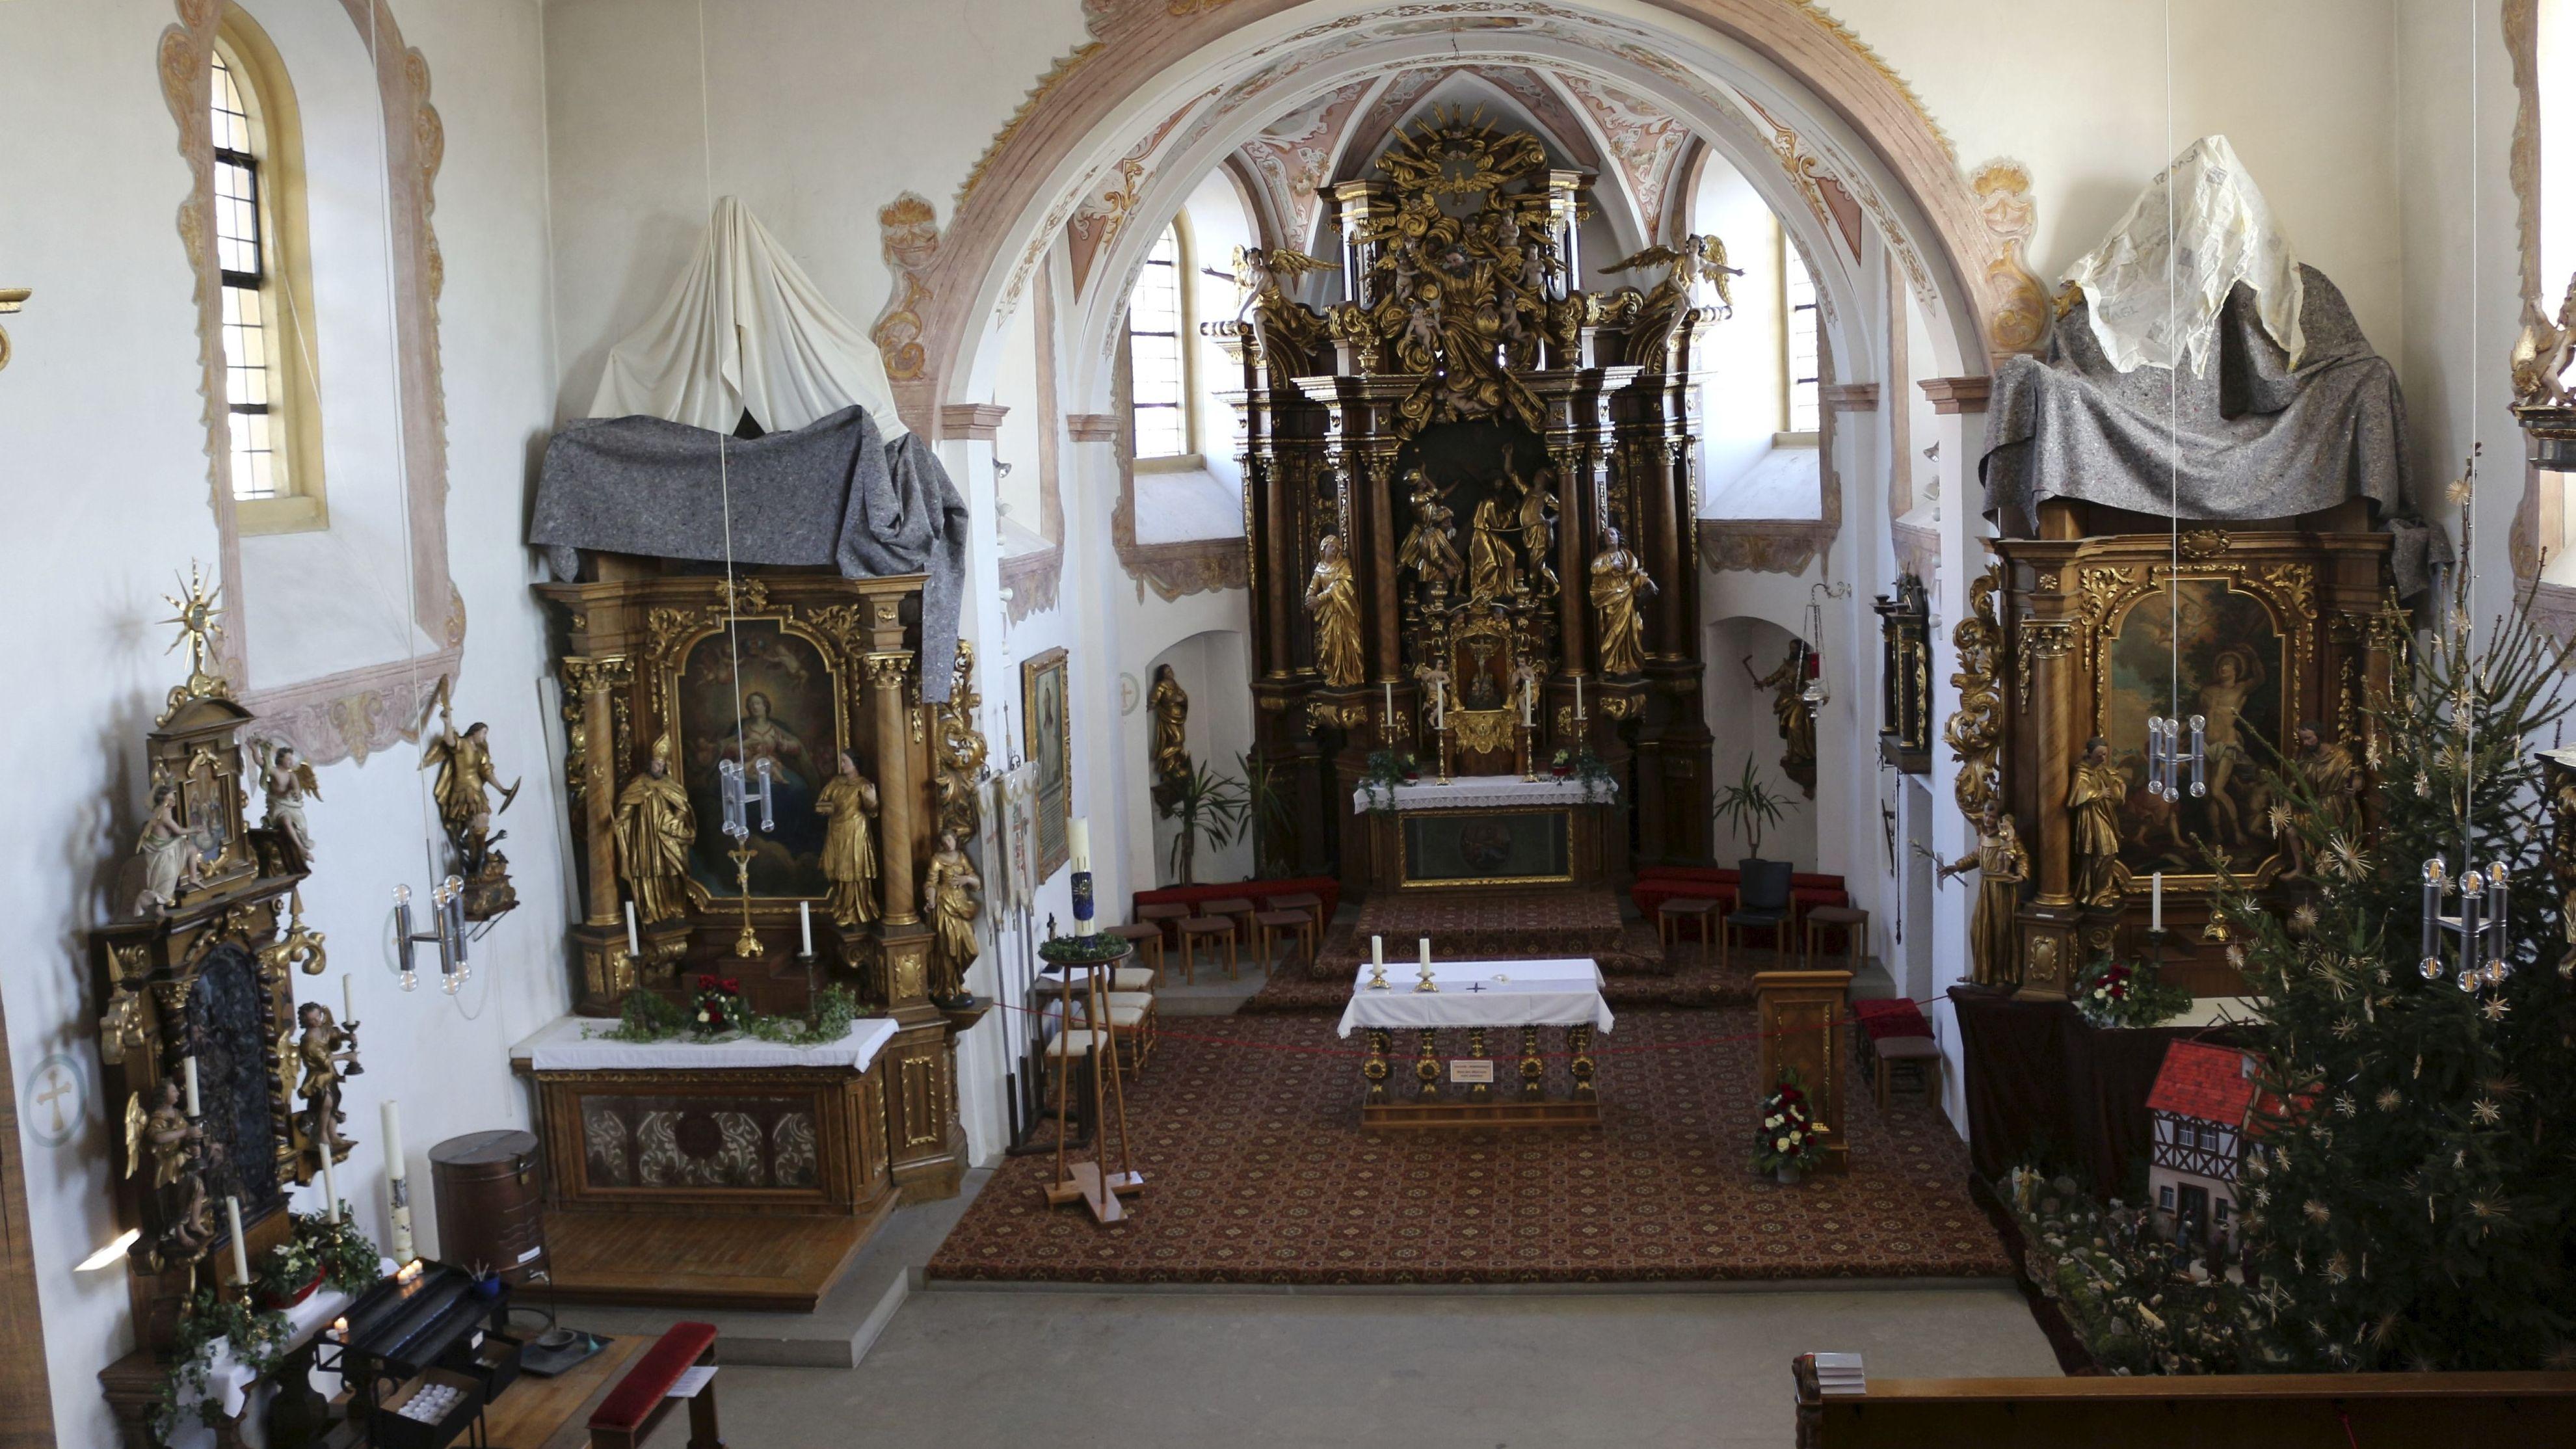 Das Innere der Wallfahrtskirche St. Salvator in Hollfeld mit dem Hauptaltar, links daneben der frühbarocke  Gnadenaltar mit  einer Christusdarstellung.